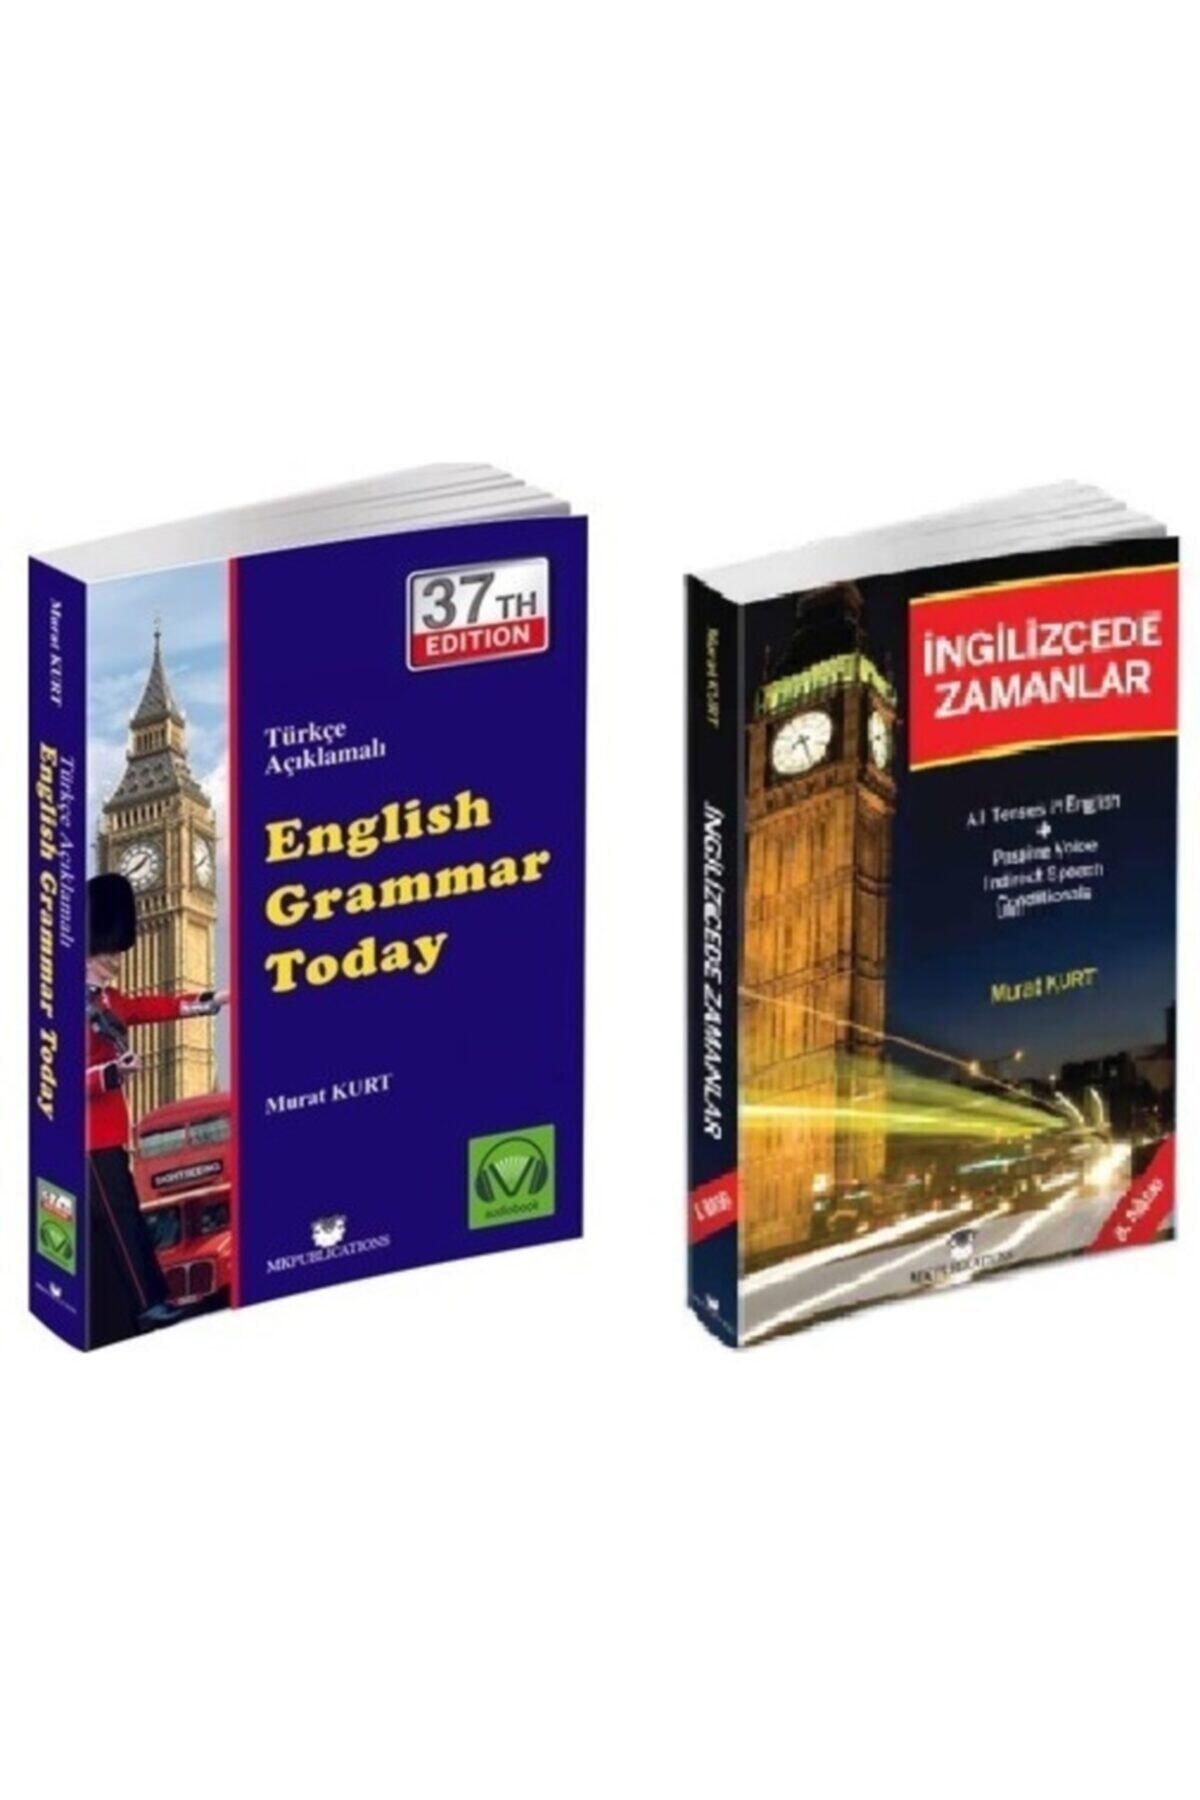 MK Publications English Grammar Today - Ingilizce'de Zamanlar - Murat Kurt - Ingilizce Gramer Set - 1